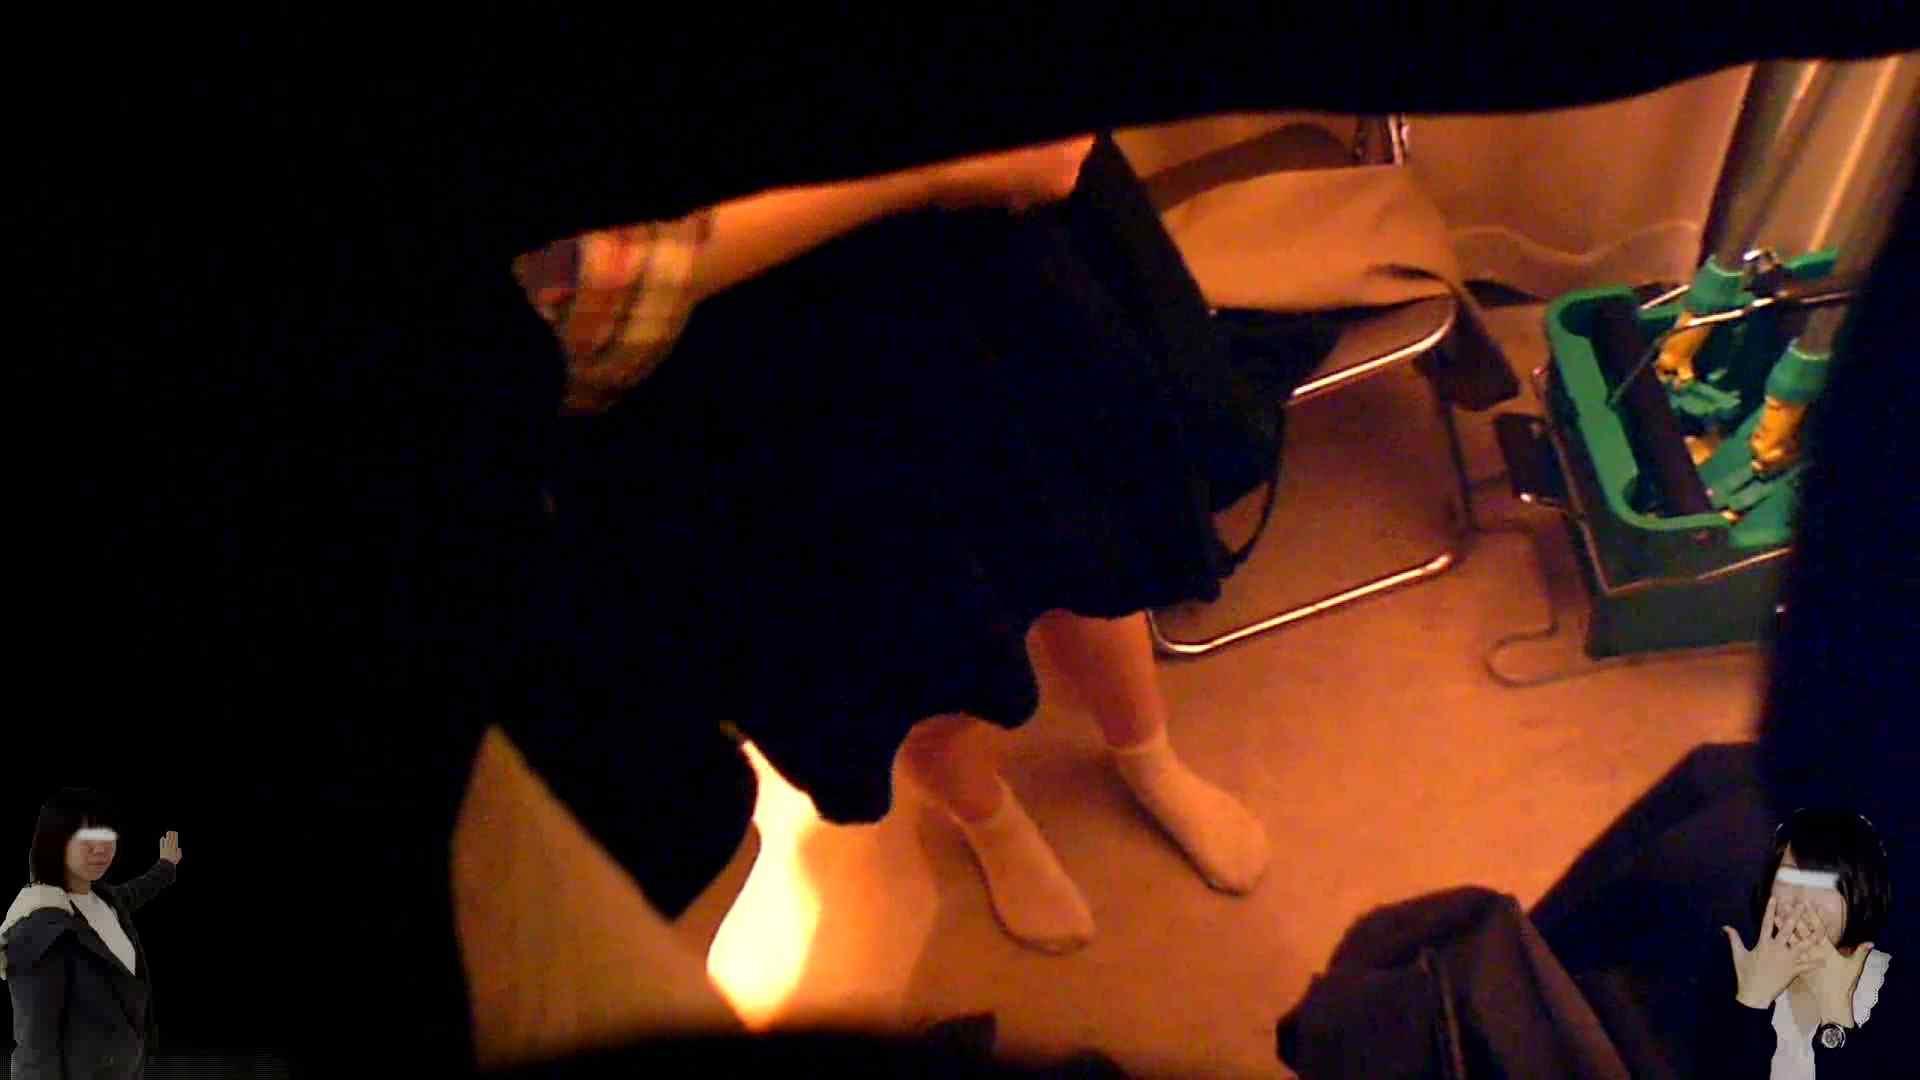 素人投稿 現役「JD」Eちゃんの着替え Vol.04 美しいOLの裸体   投稿  107pic 85